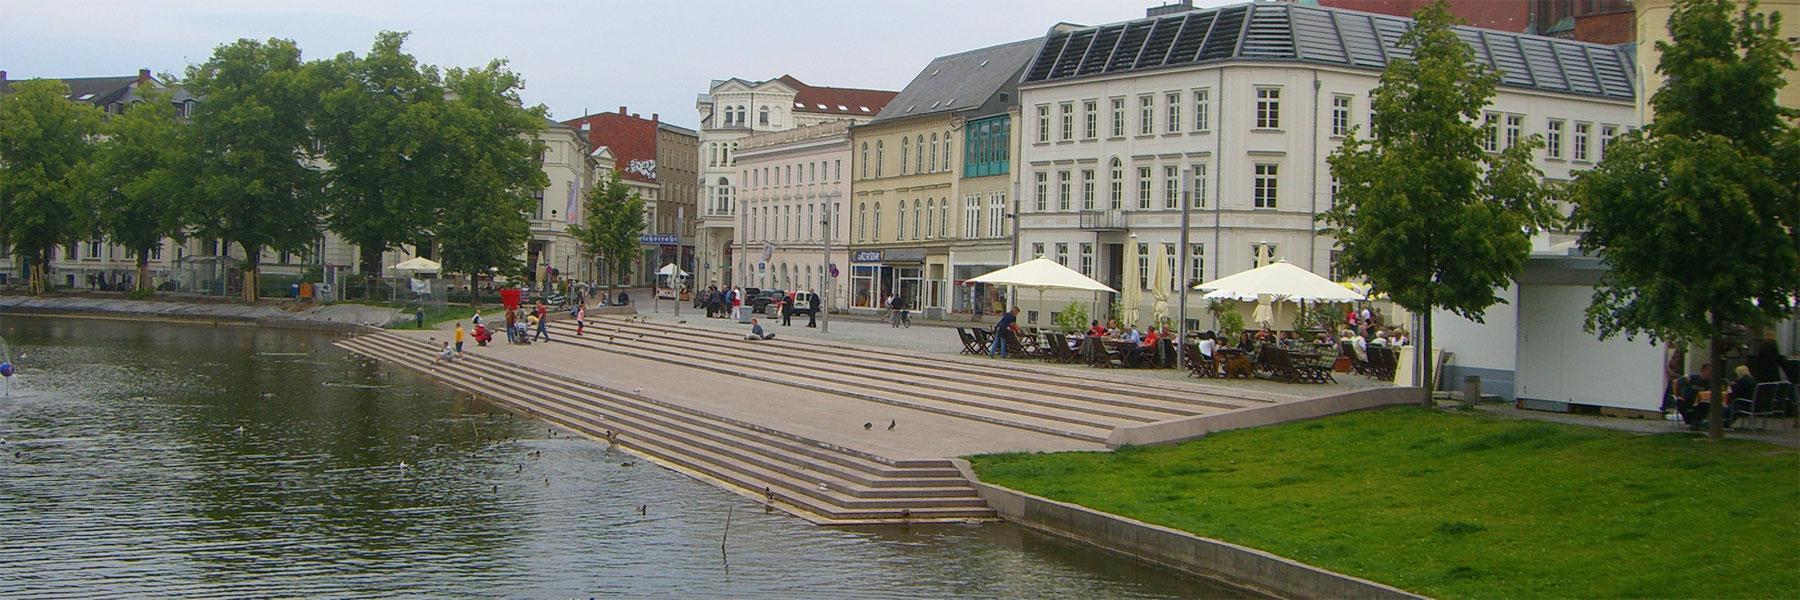 Pfaffenteich - Landhaus Schwerin